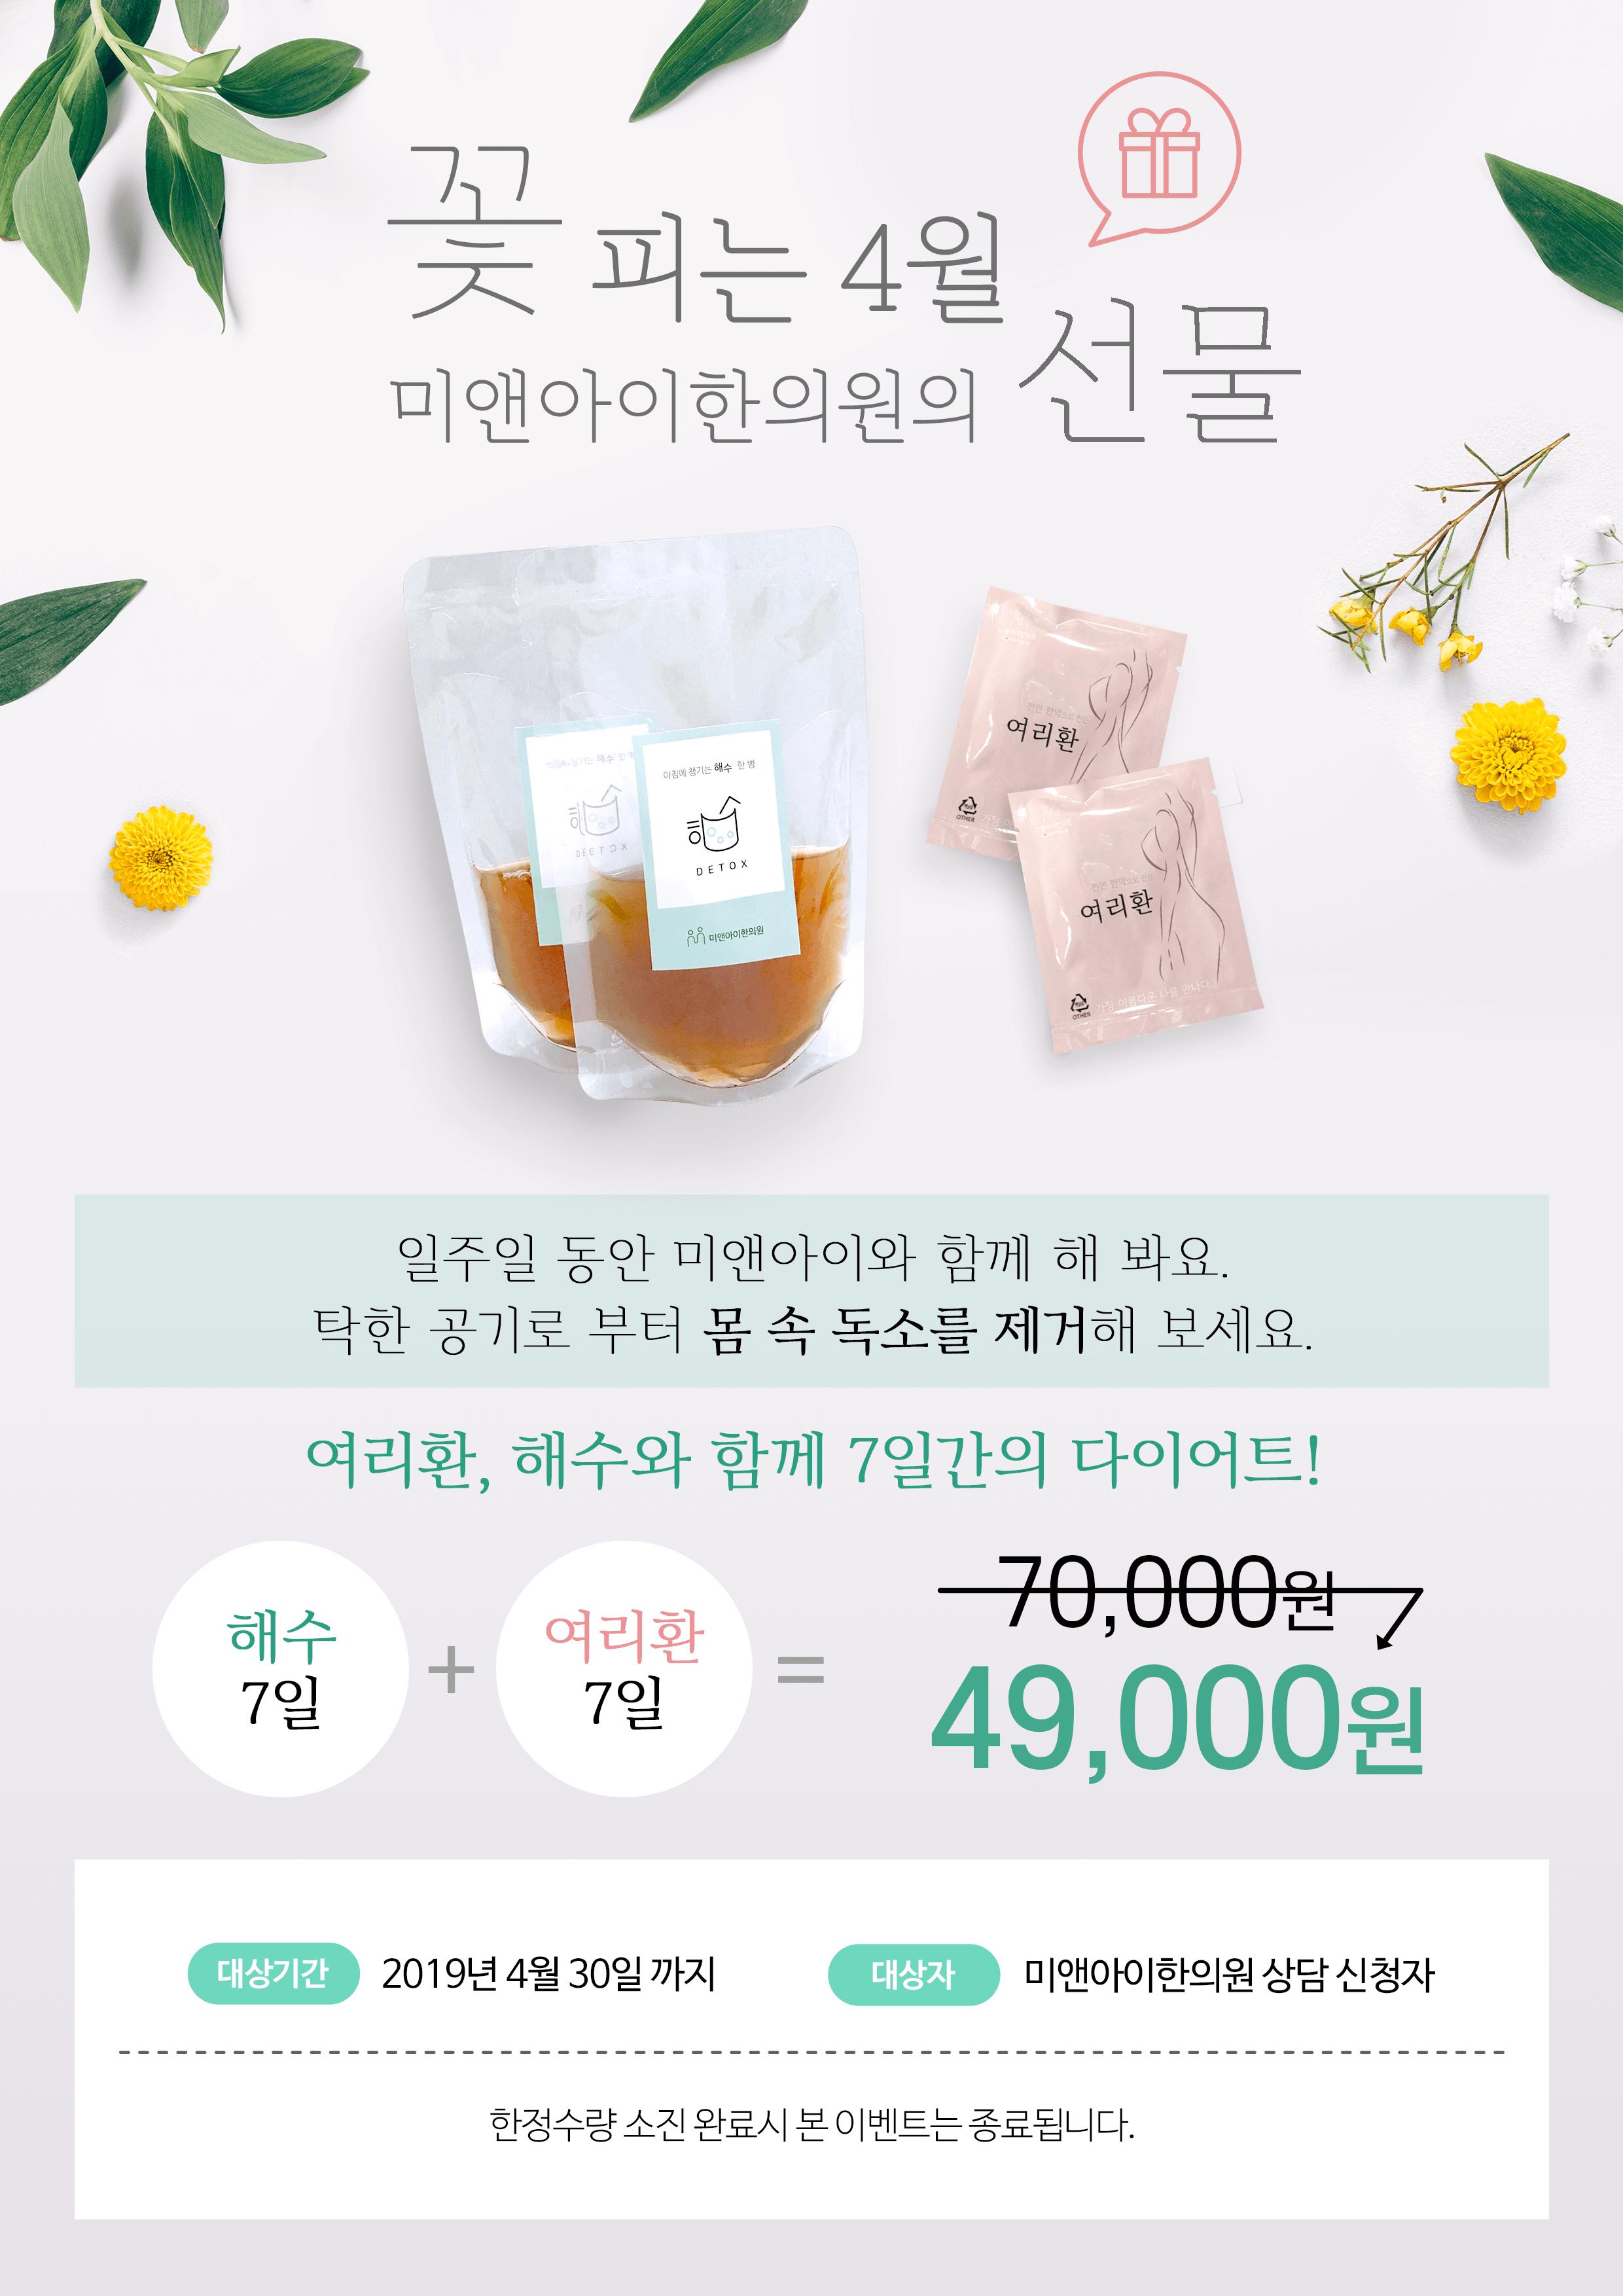 꽃 피는 4월 미앤아이한의원 혜택!